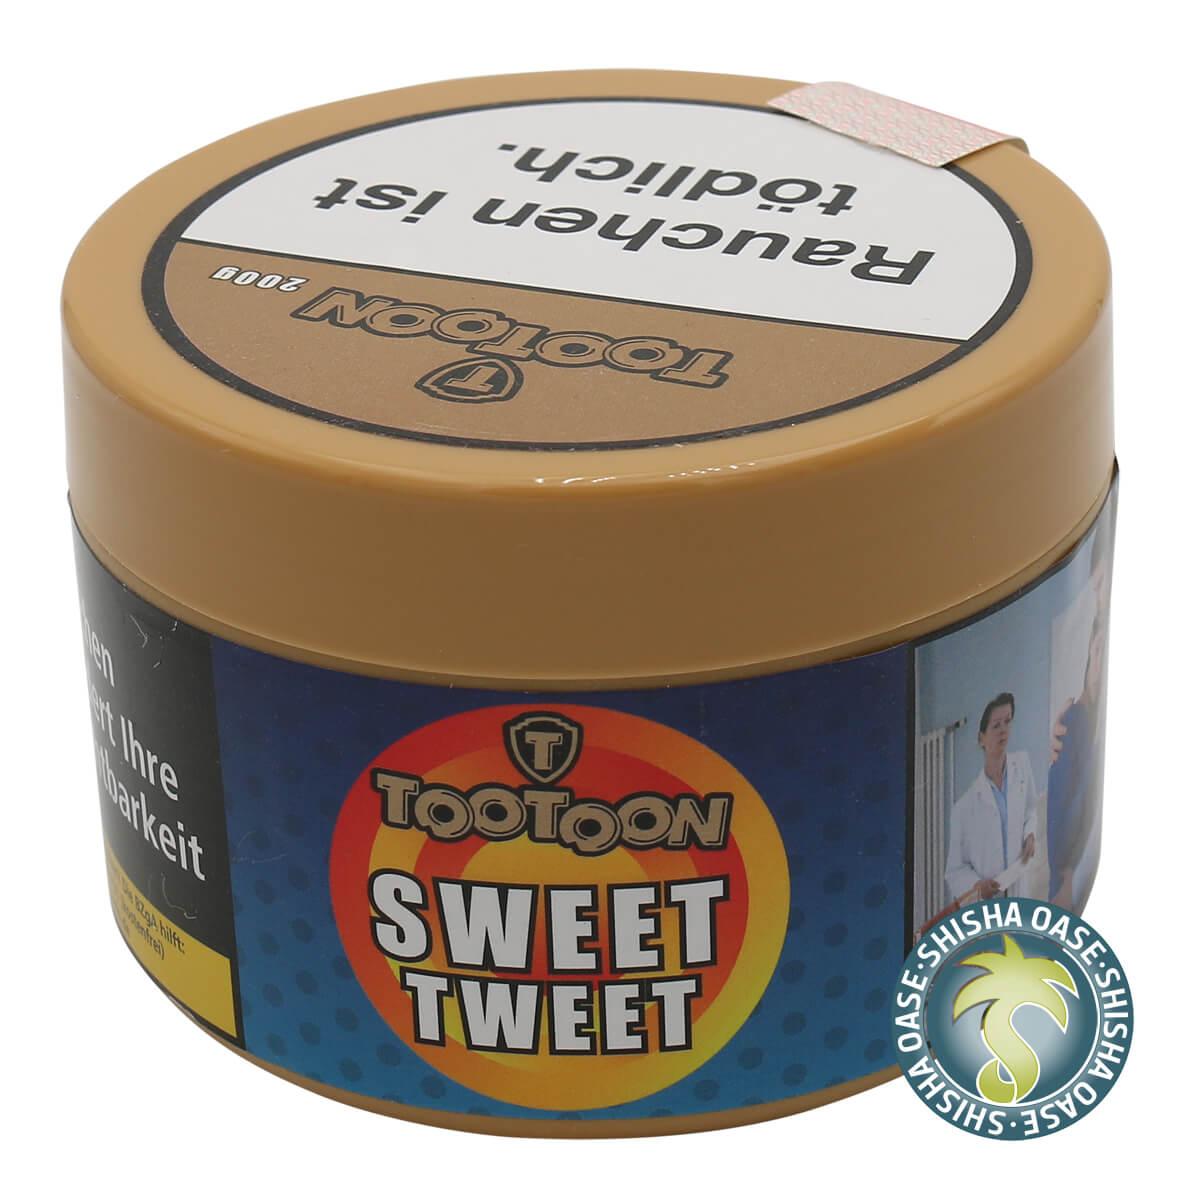 Too Toon Tabak 200g | Sweet Tweet